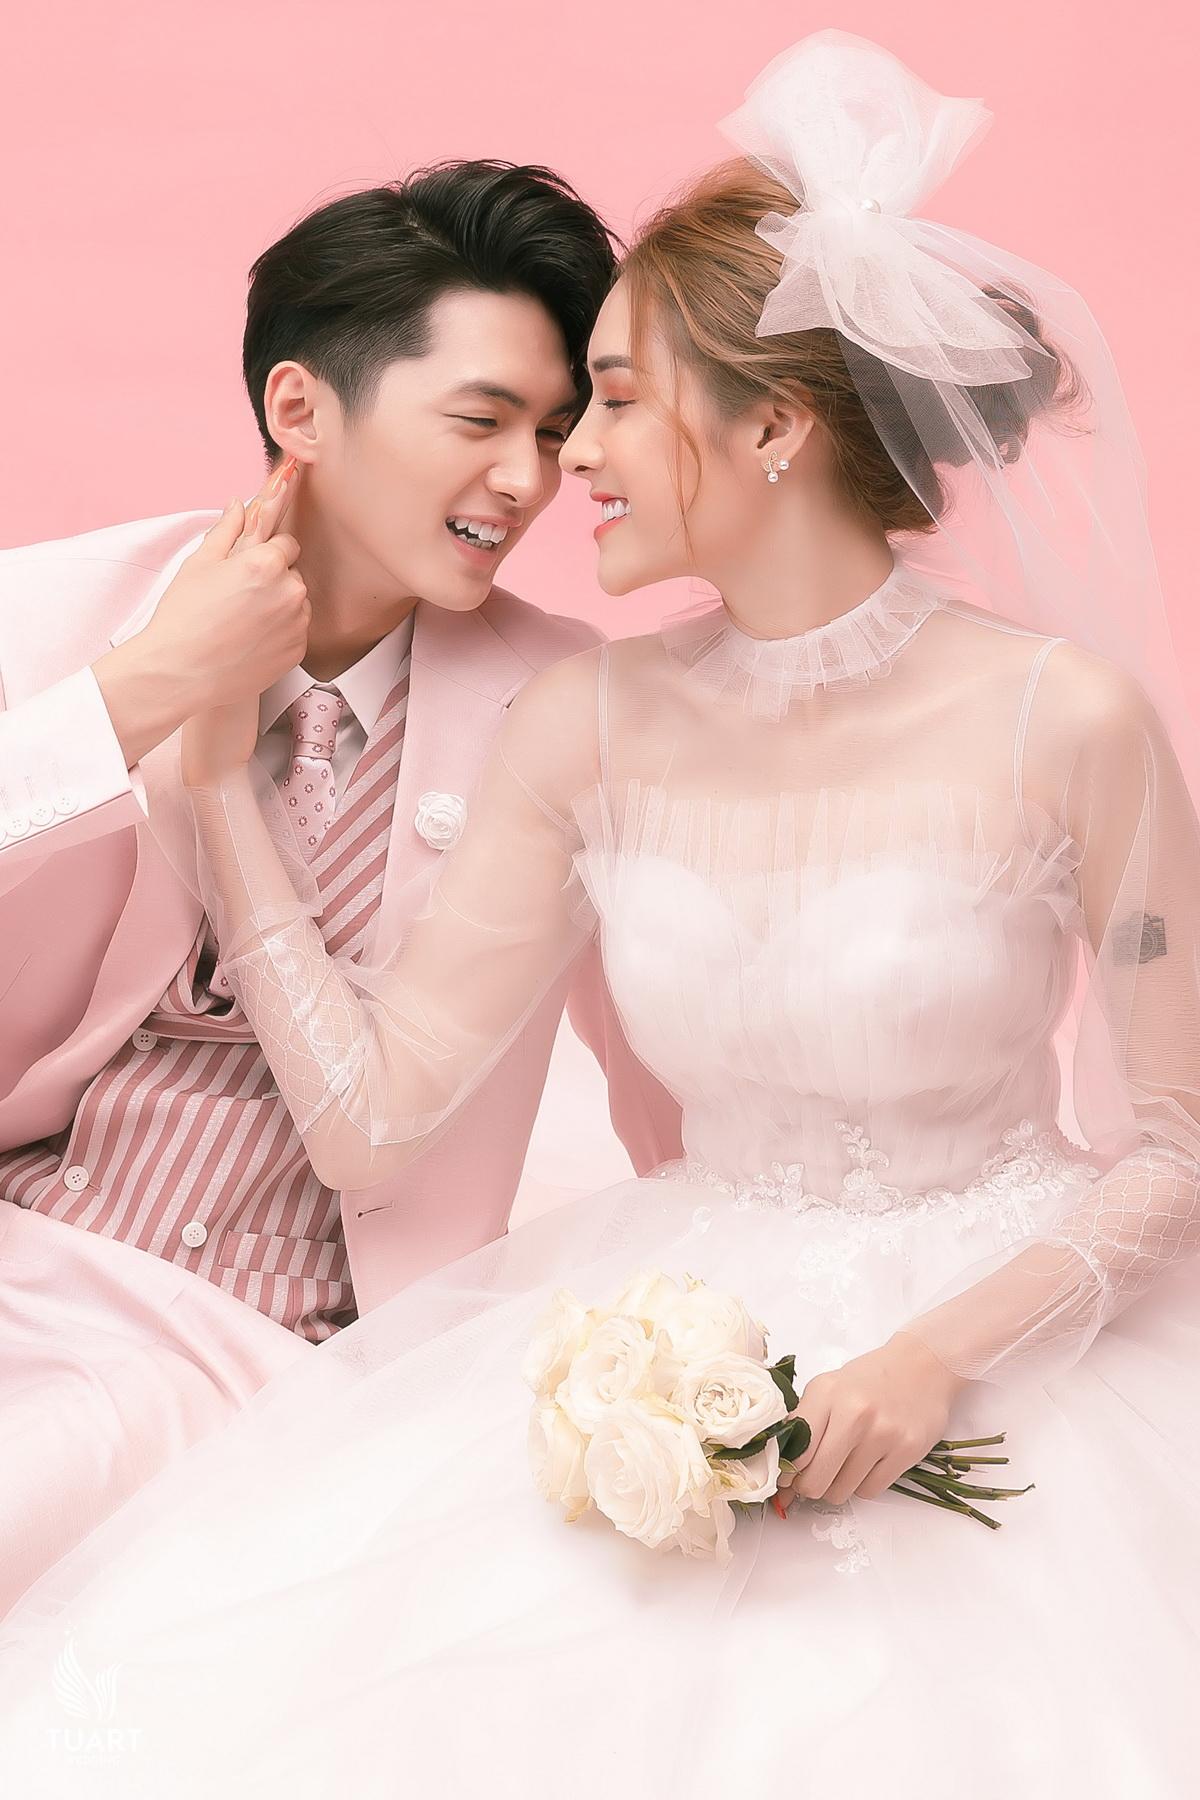 Album ảnh cưới đẹp tại Hà Nội - TuArt Galaxy 21